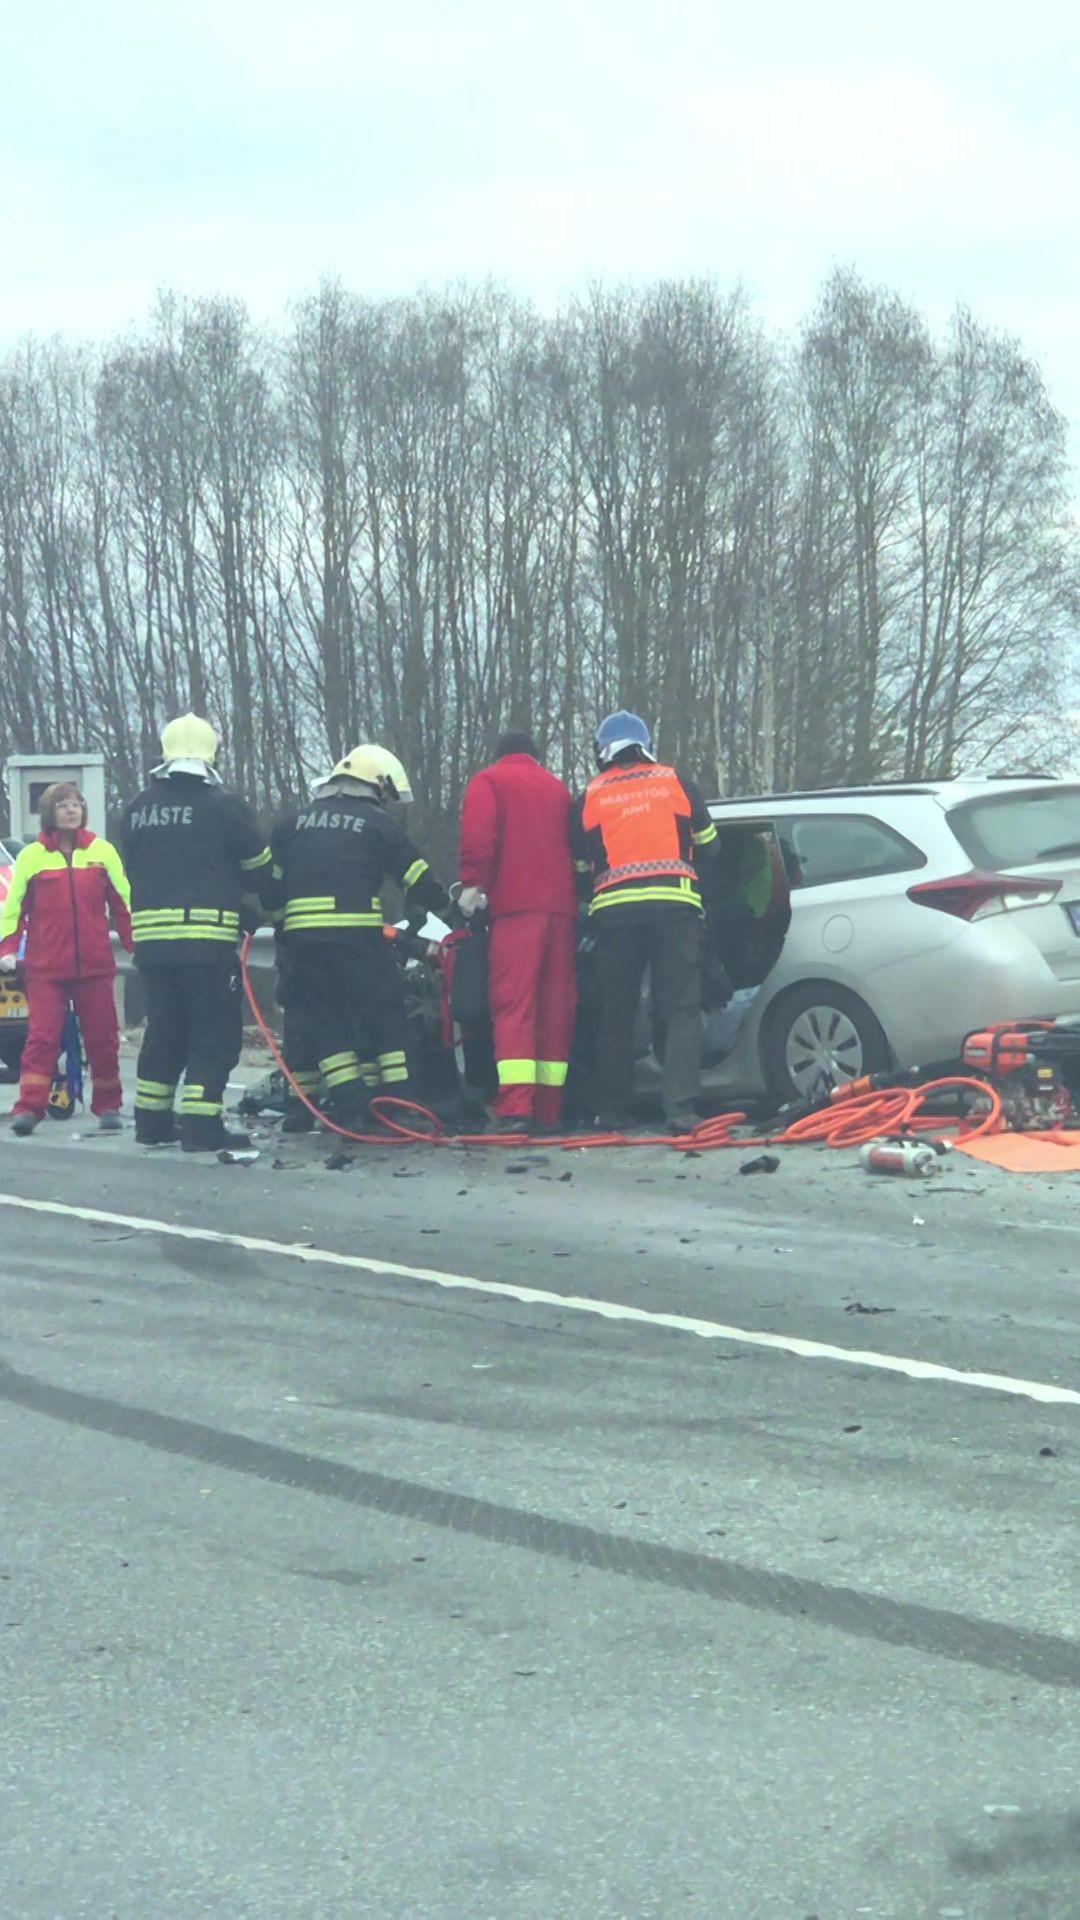 f7b9505432b Fotod ja video sündmuskohalt: Tallinna-Tartu maanteel põrkasid kokku kaubik  ja sõiduauto - Tartu Postimees